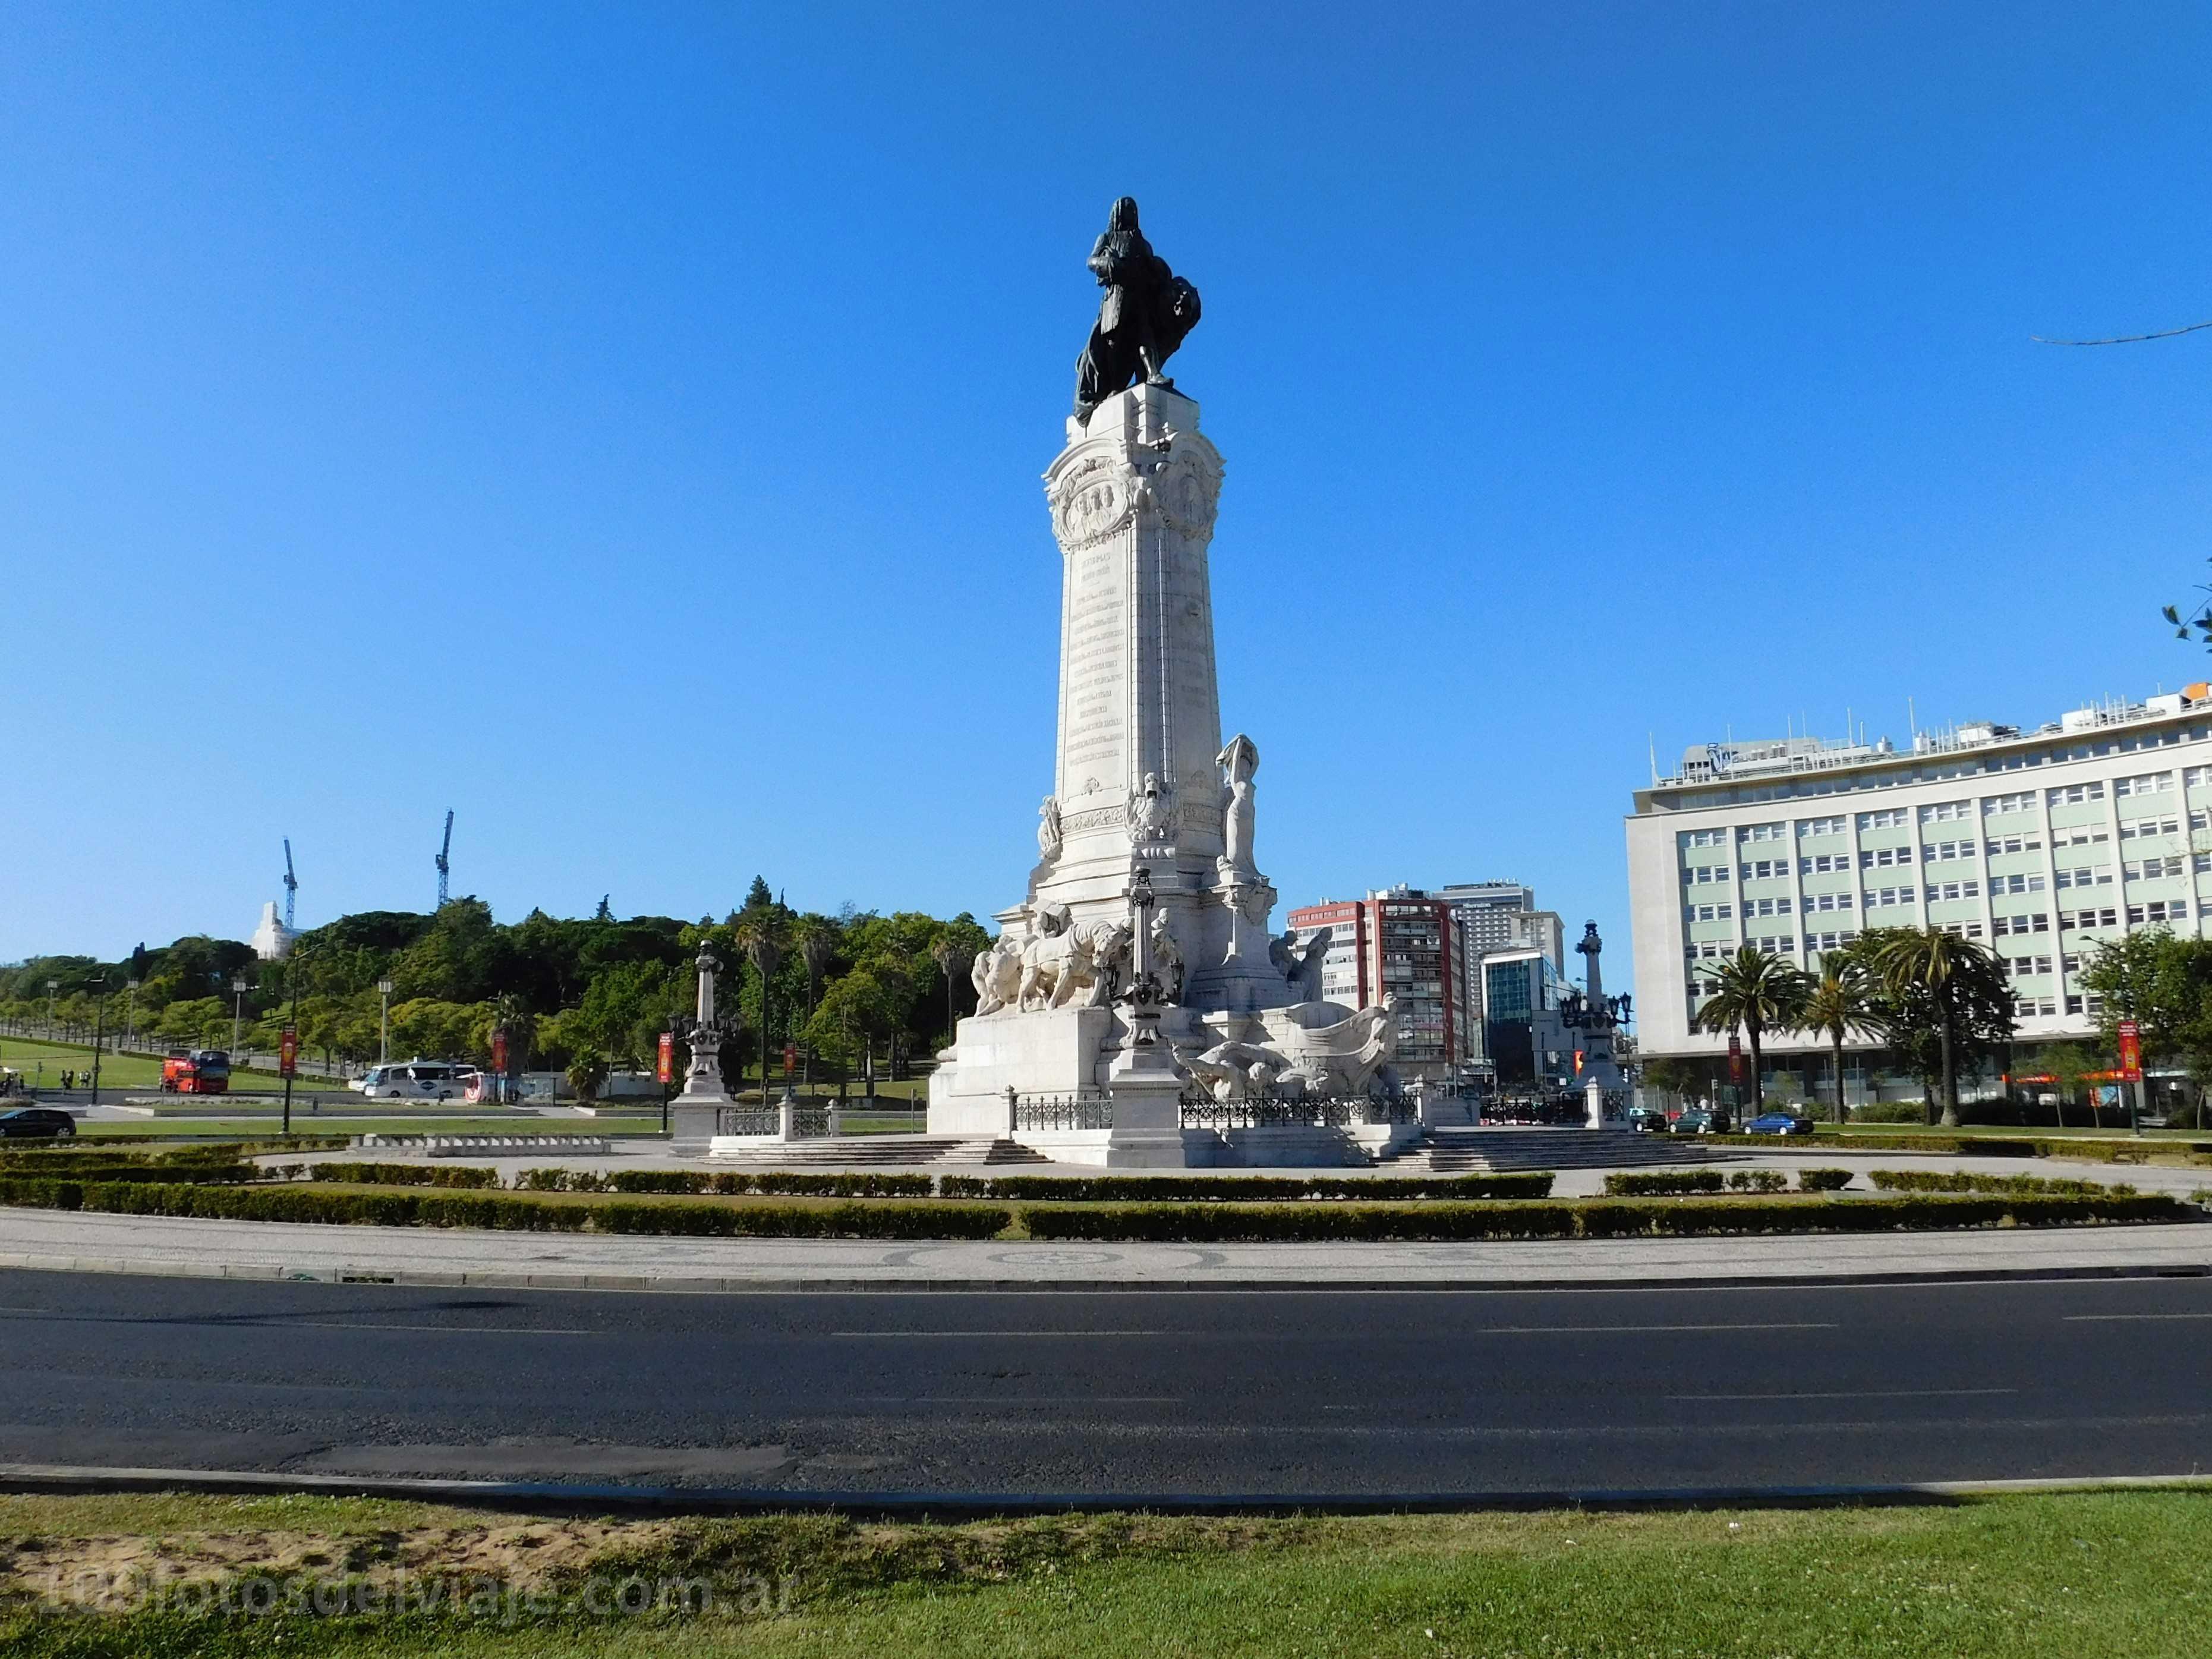 Plaza Marques de Pombal